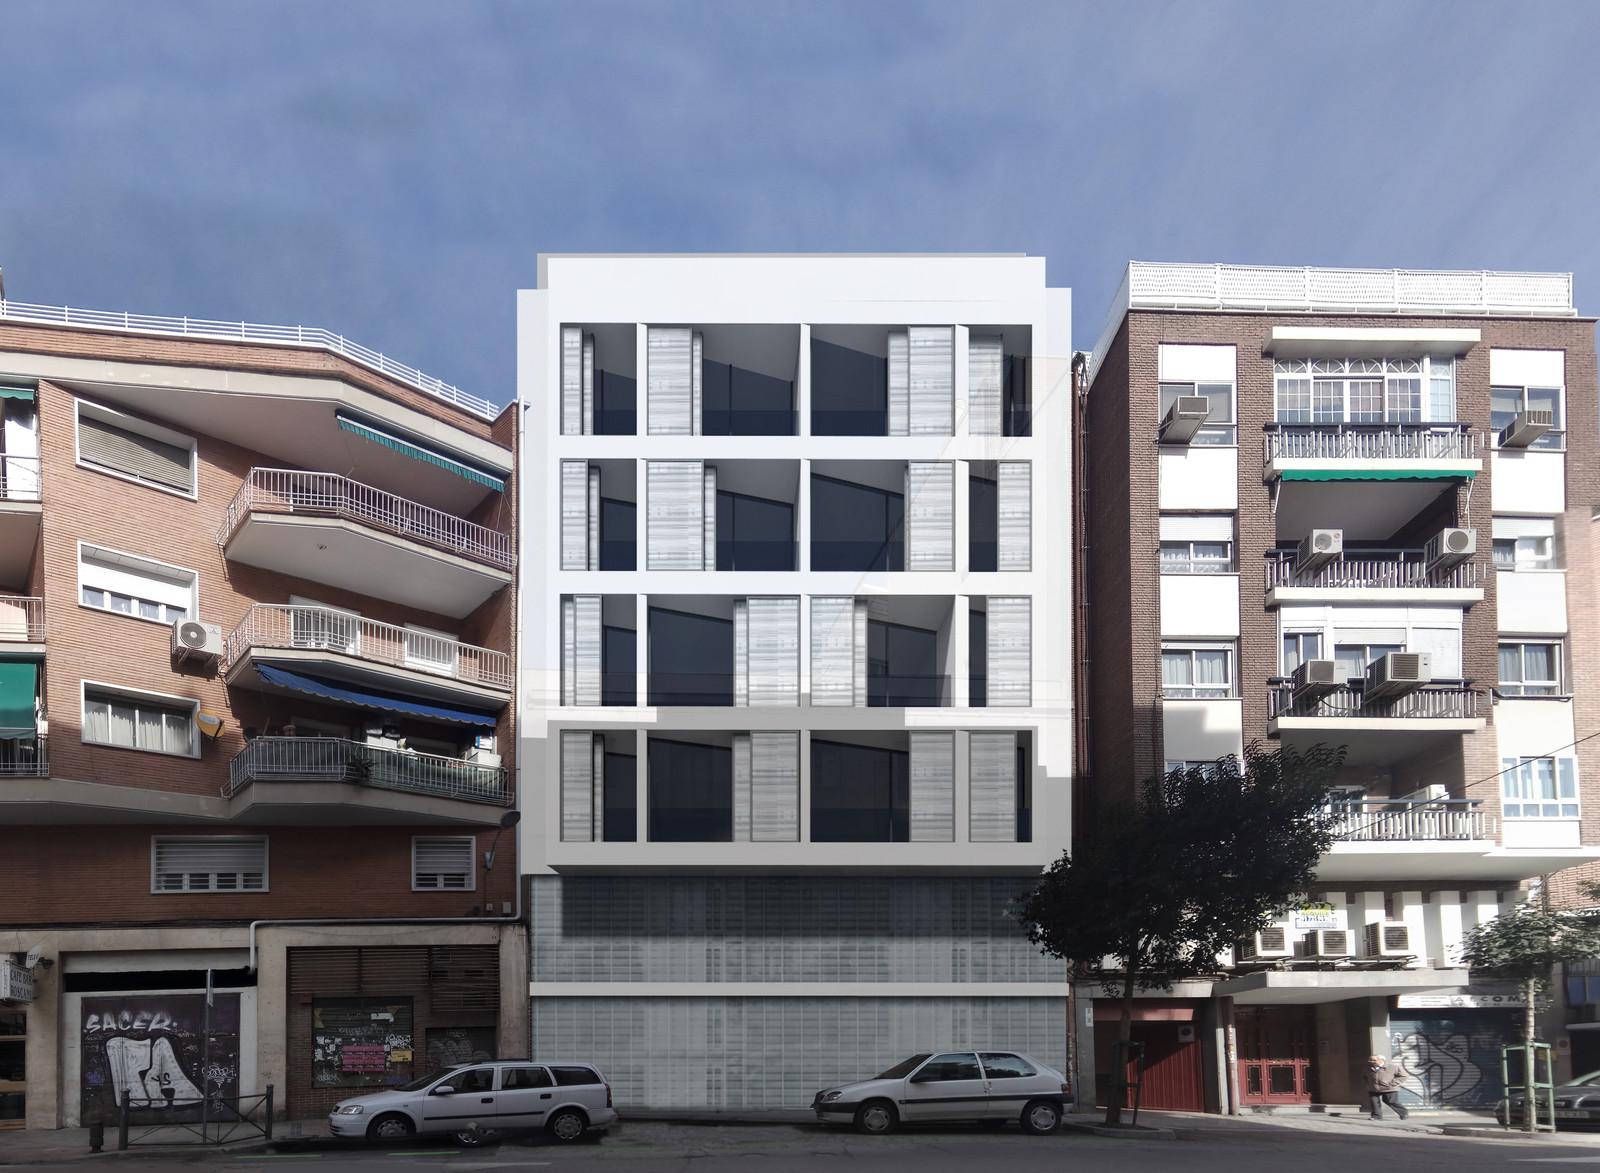 Alzado estudio de arquitectura y urbanismo madrid - Alzado arquitectura ...